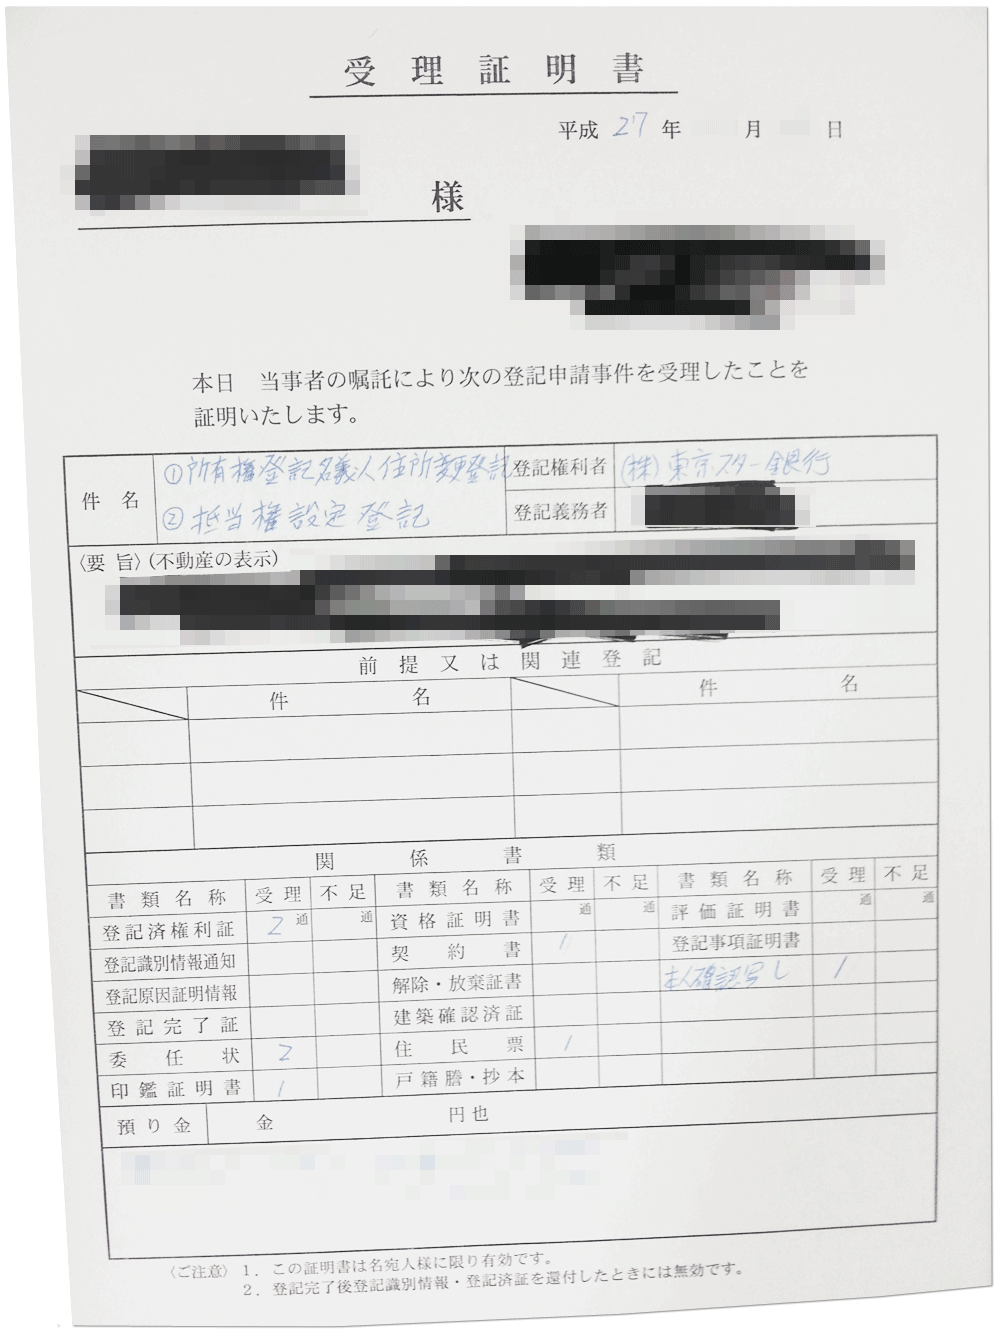 スター不動産担保ローンの契約書の控え(実物)